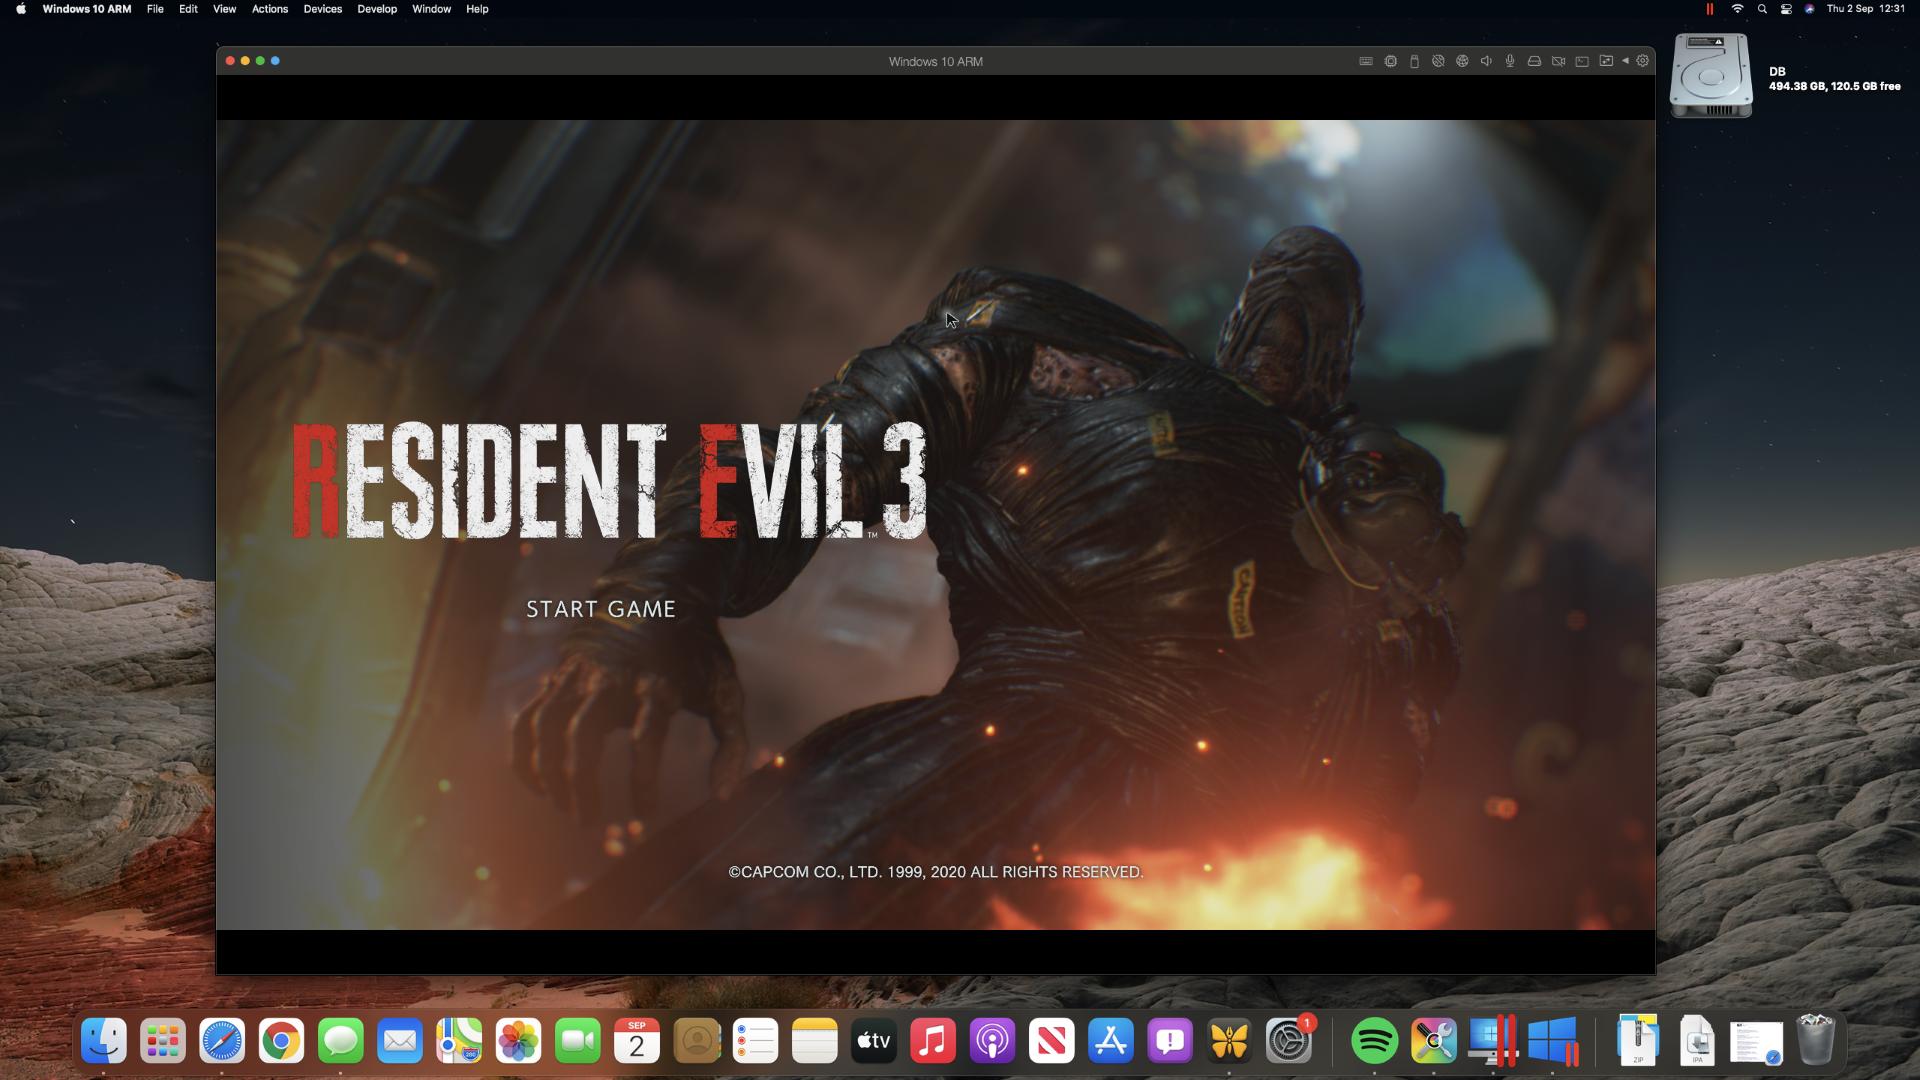 Resident Evil 3 Remake en una Mac mini M1 a través de Steam